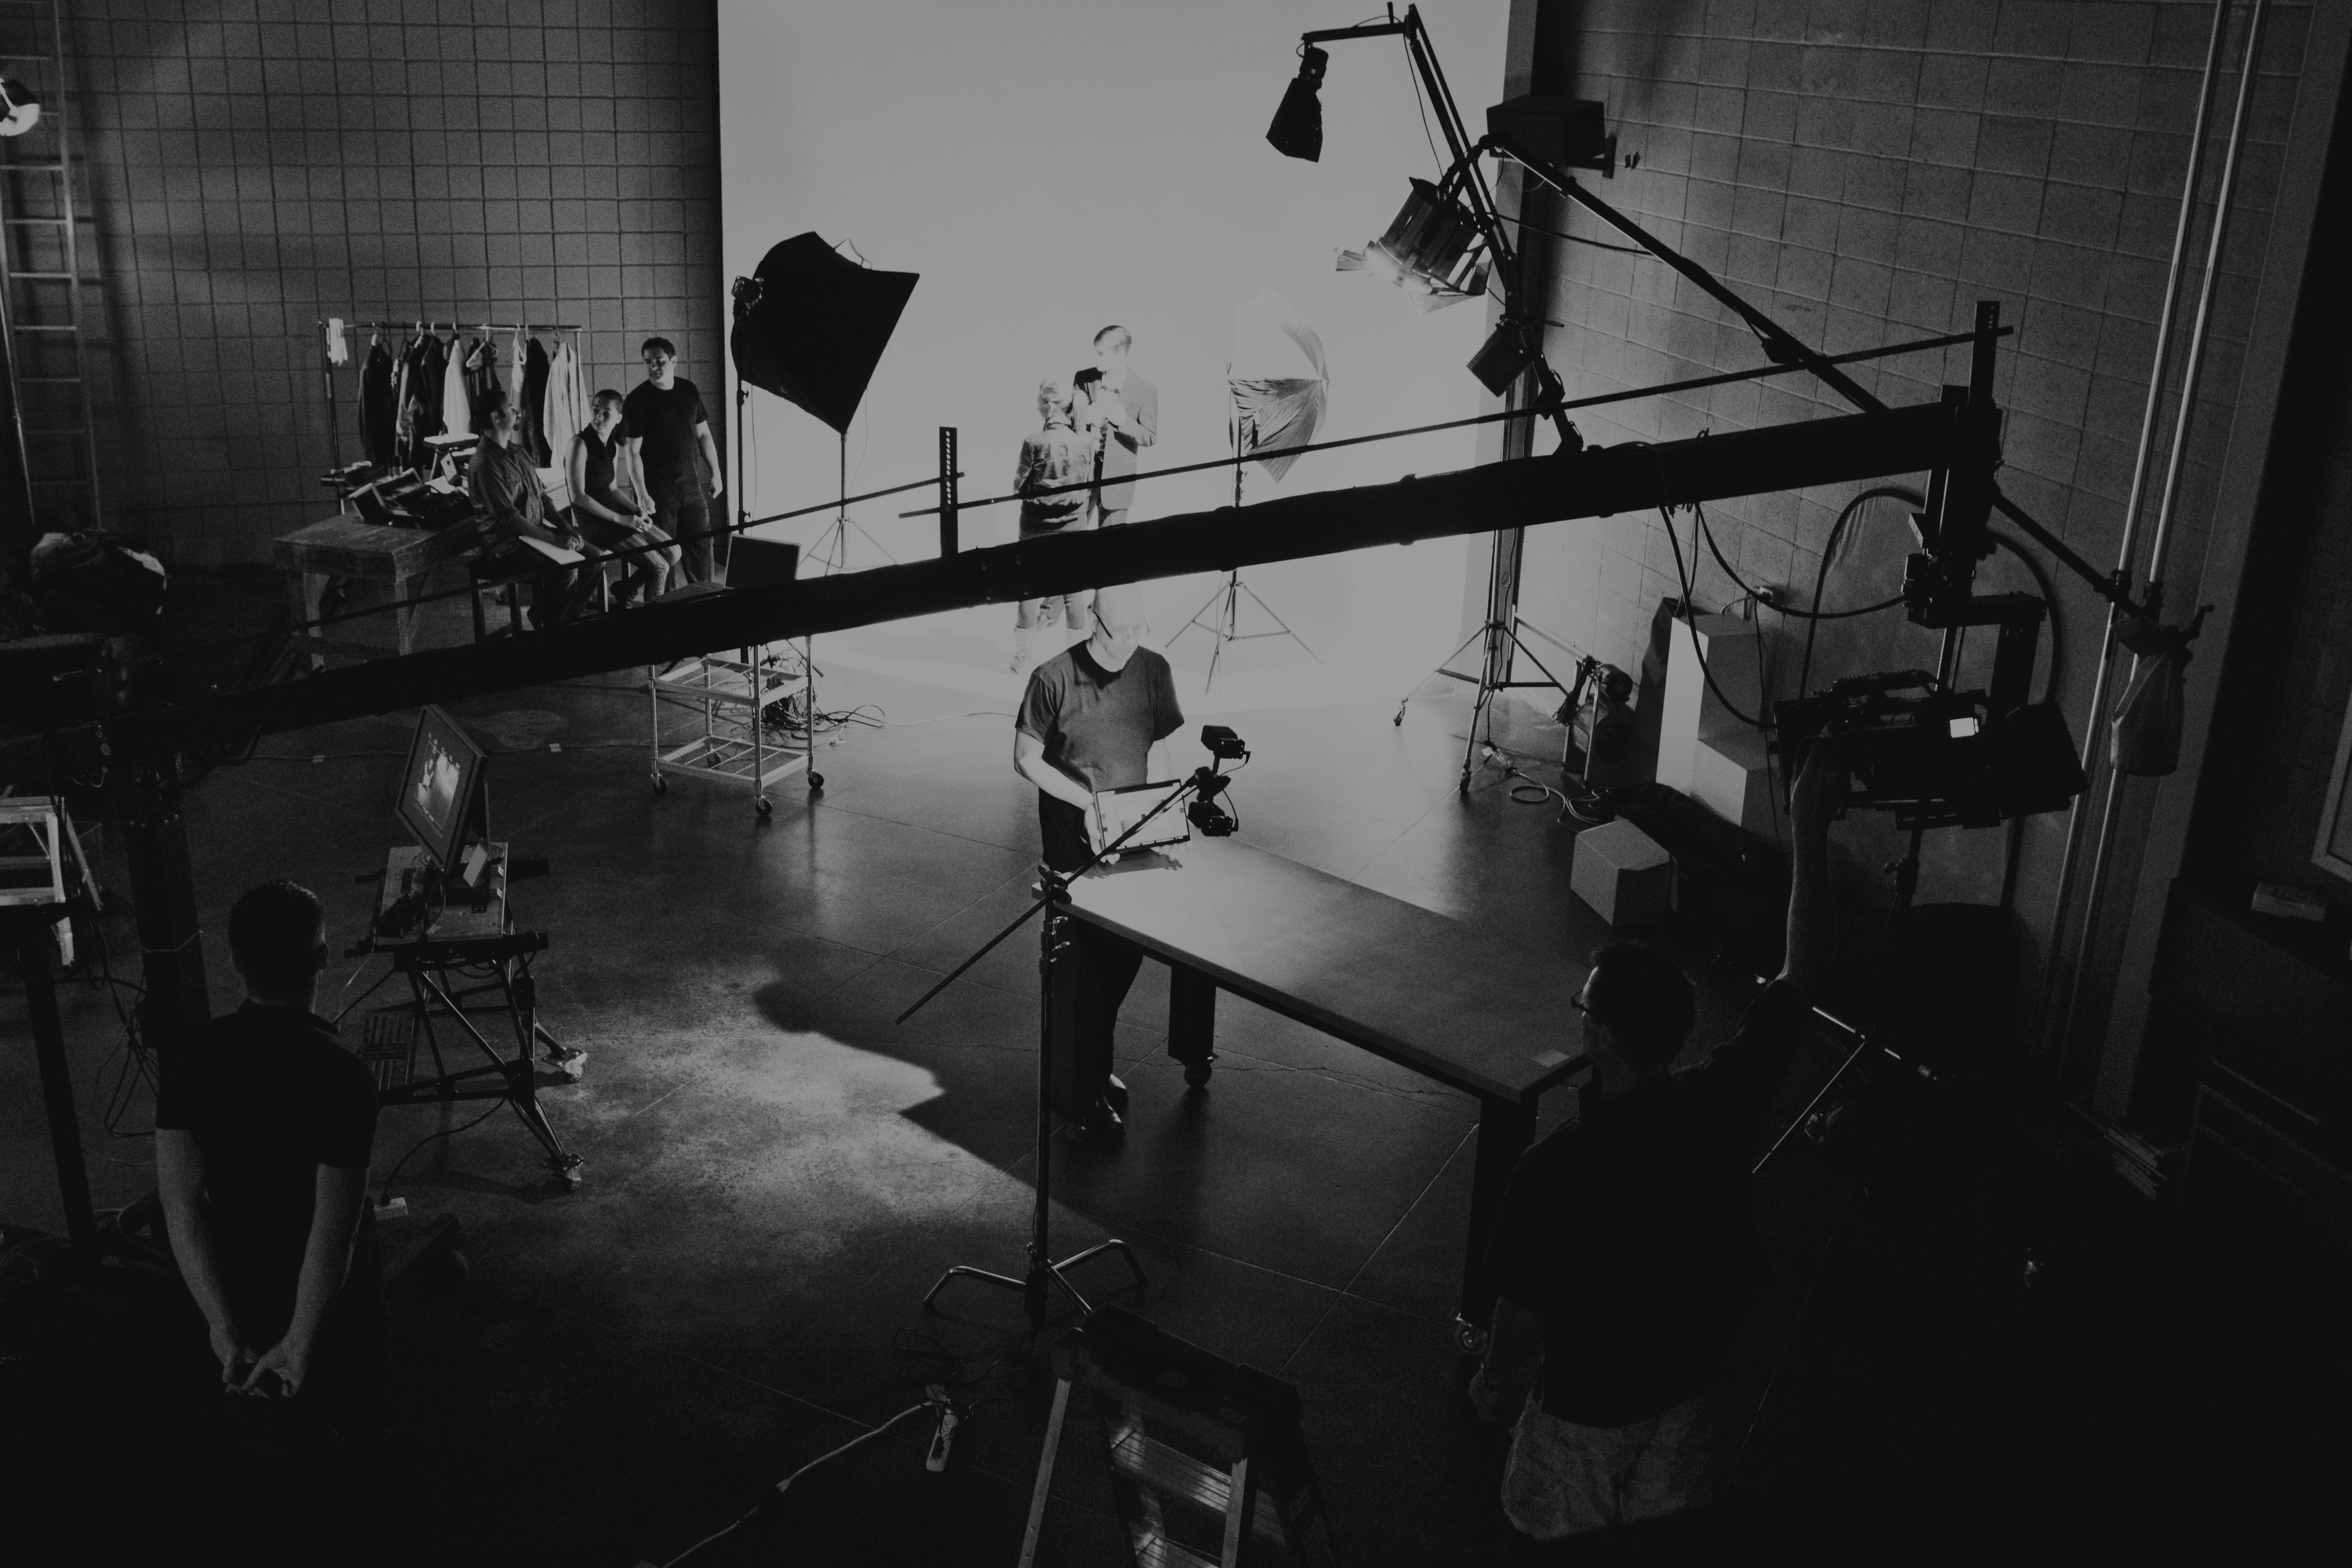 PHOTOSHOOT PRODUCTION